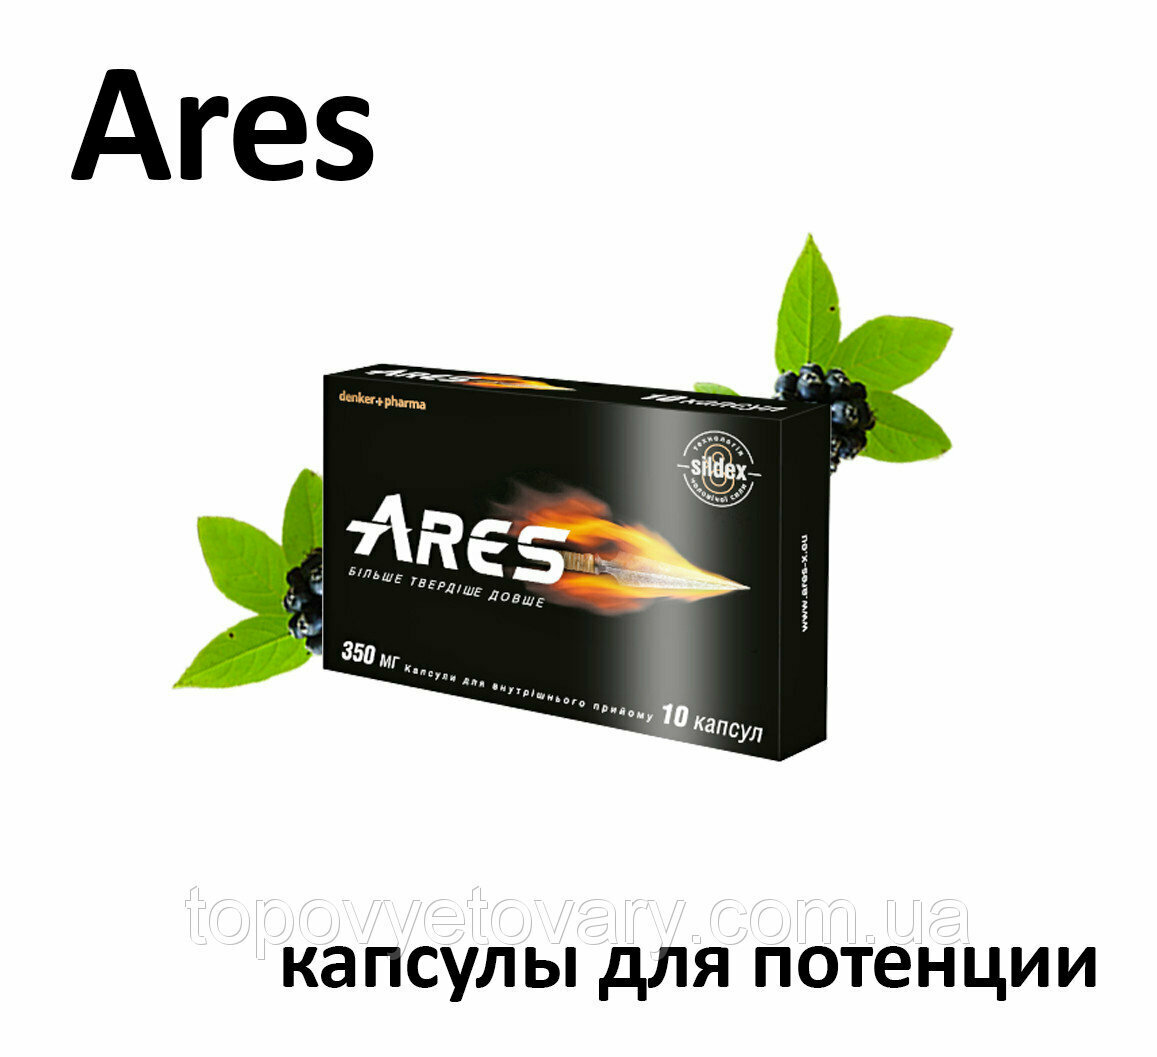 ARES для потенции в Белгороде